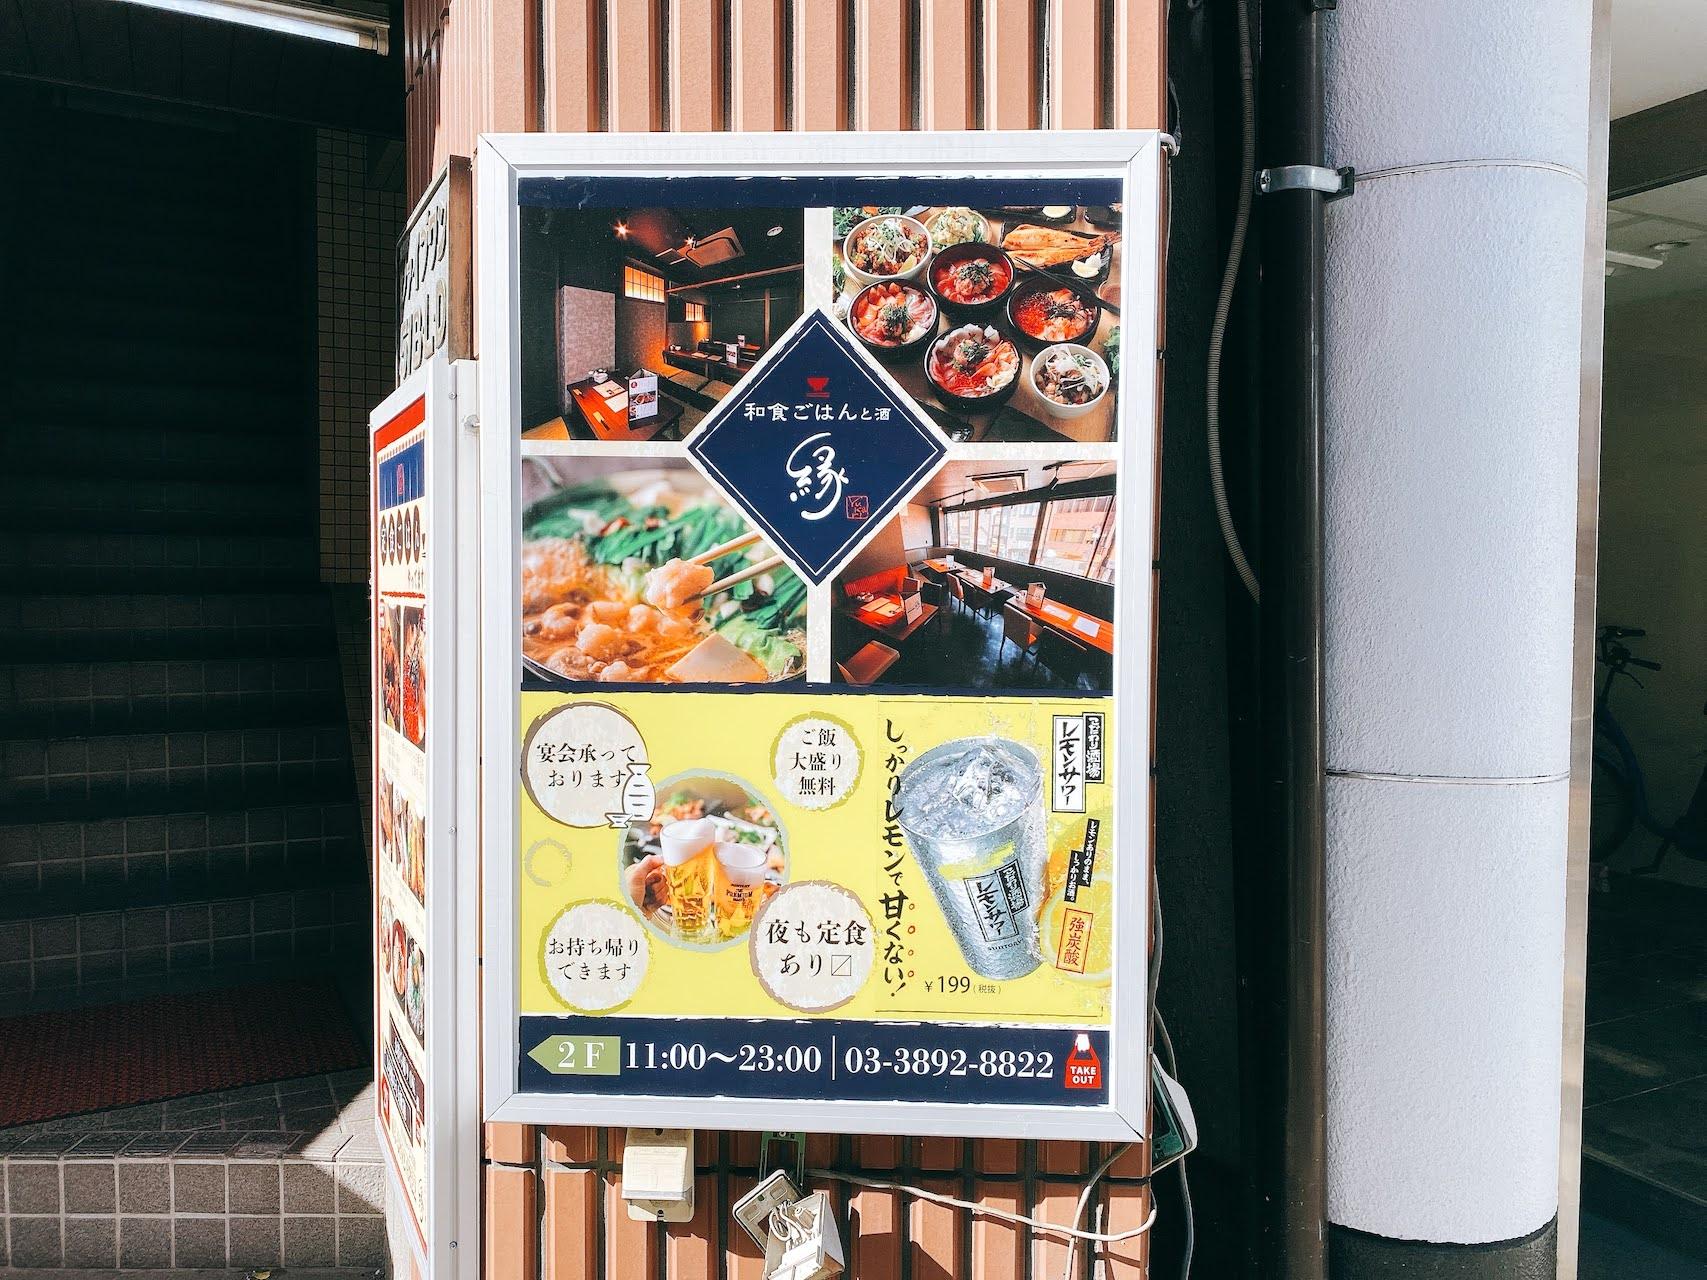 和食ごはんと酒 縁 町屋店